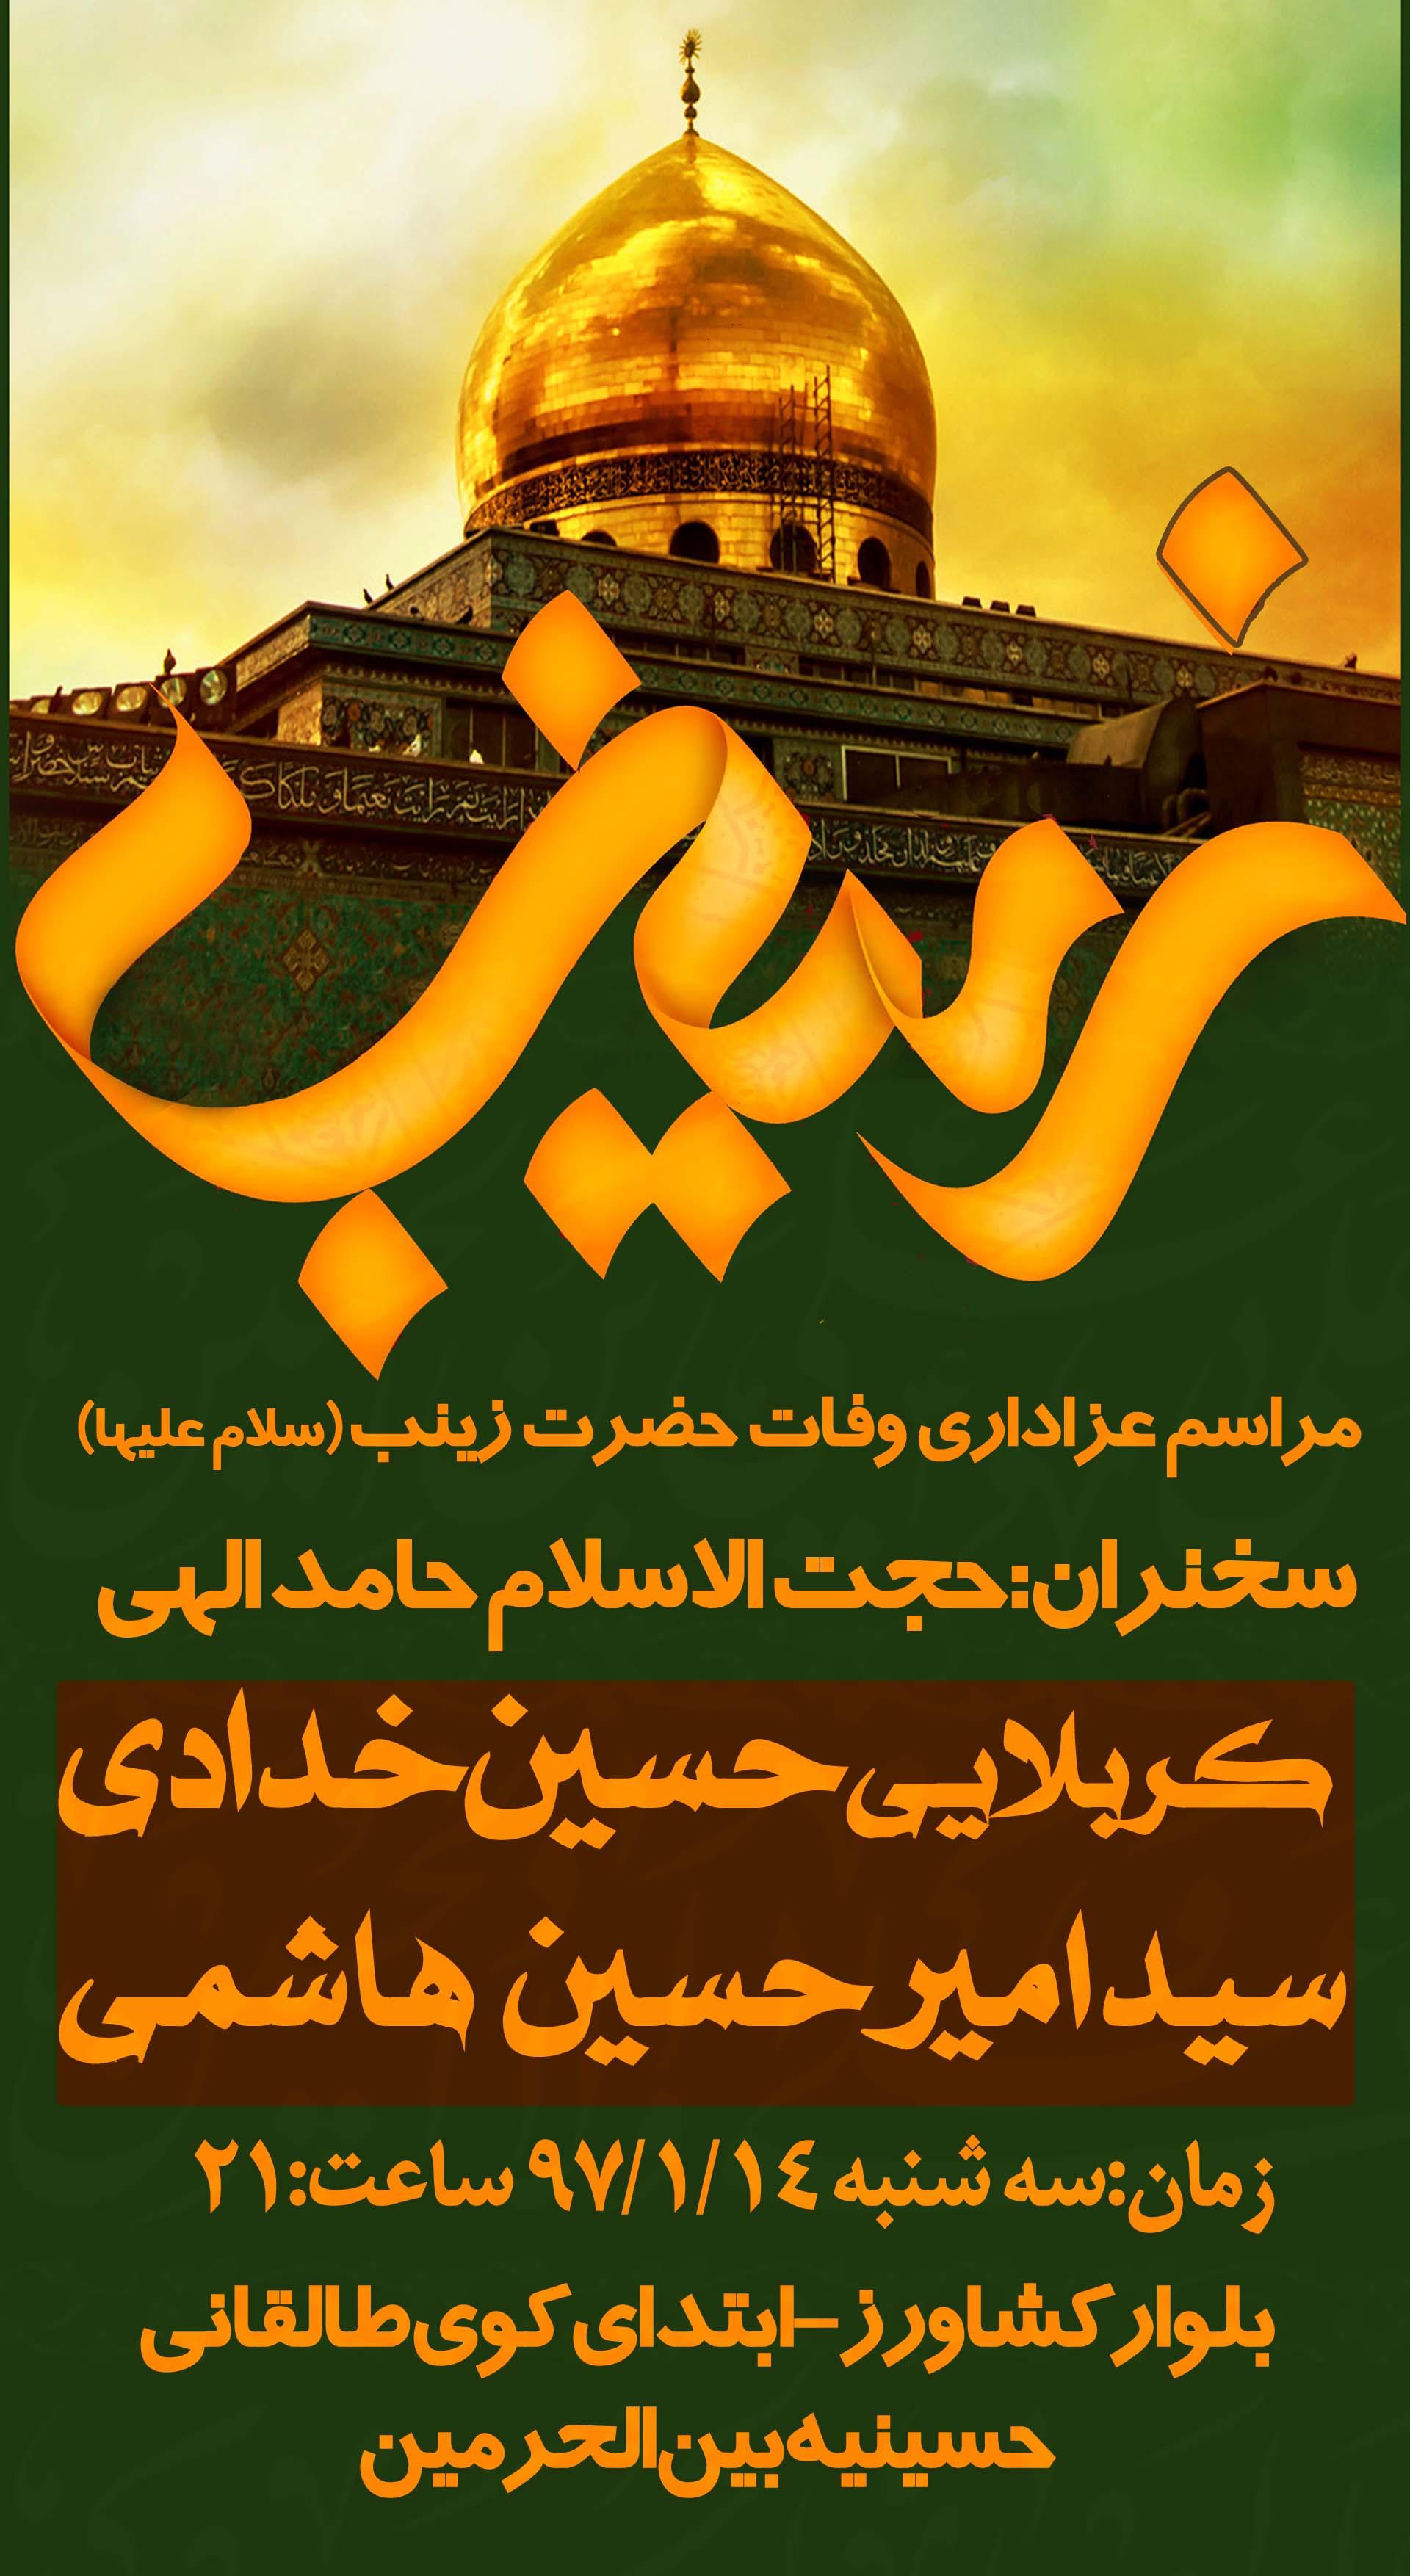 وفات حضرت زینب کبری-هیات بین الحرمین ساری.کربلایی حسین خدادی.سیدامیر حسین هاشمی